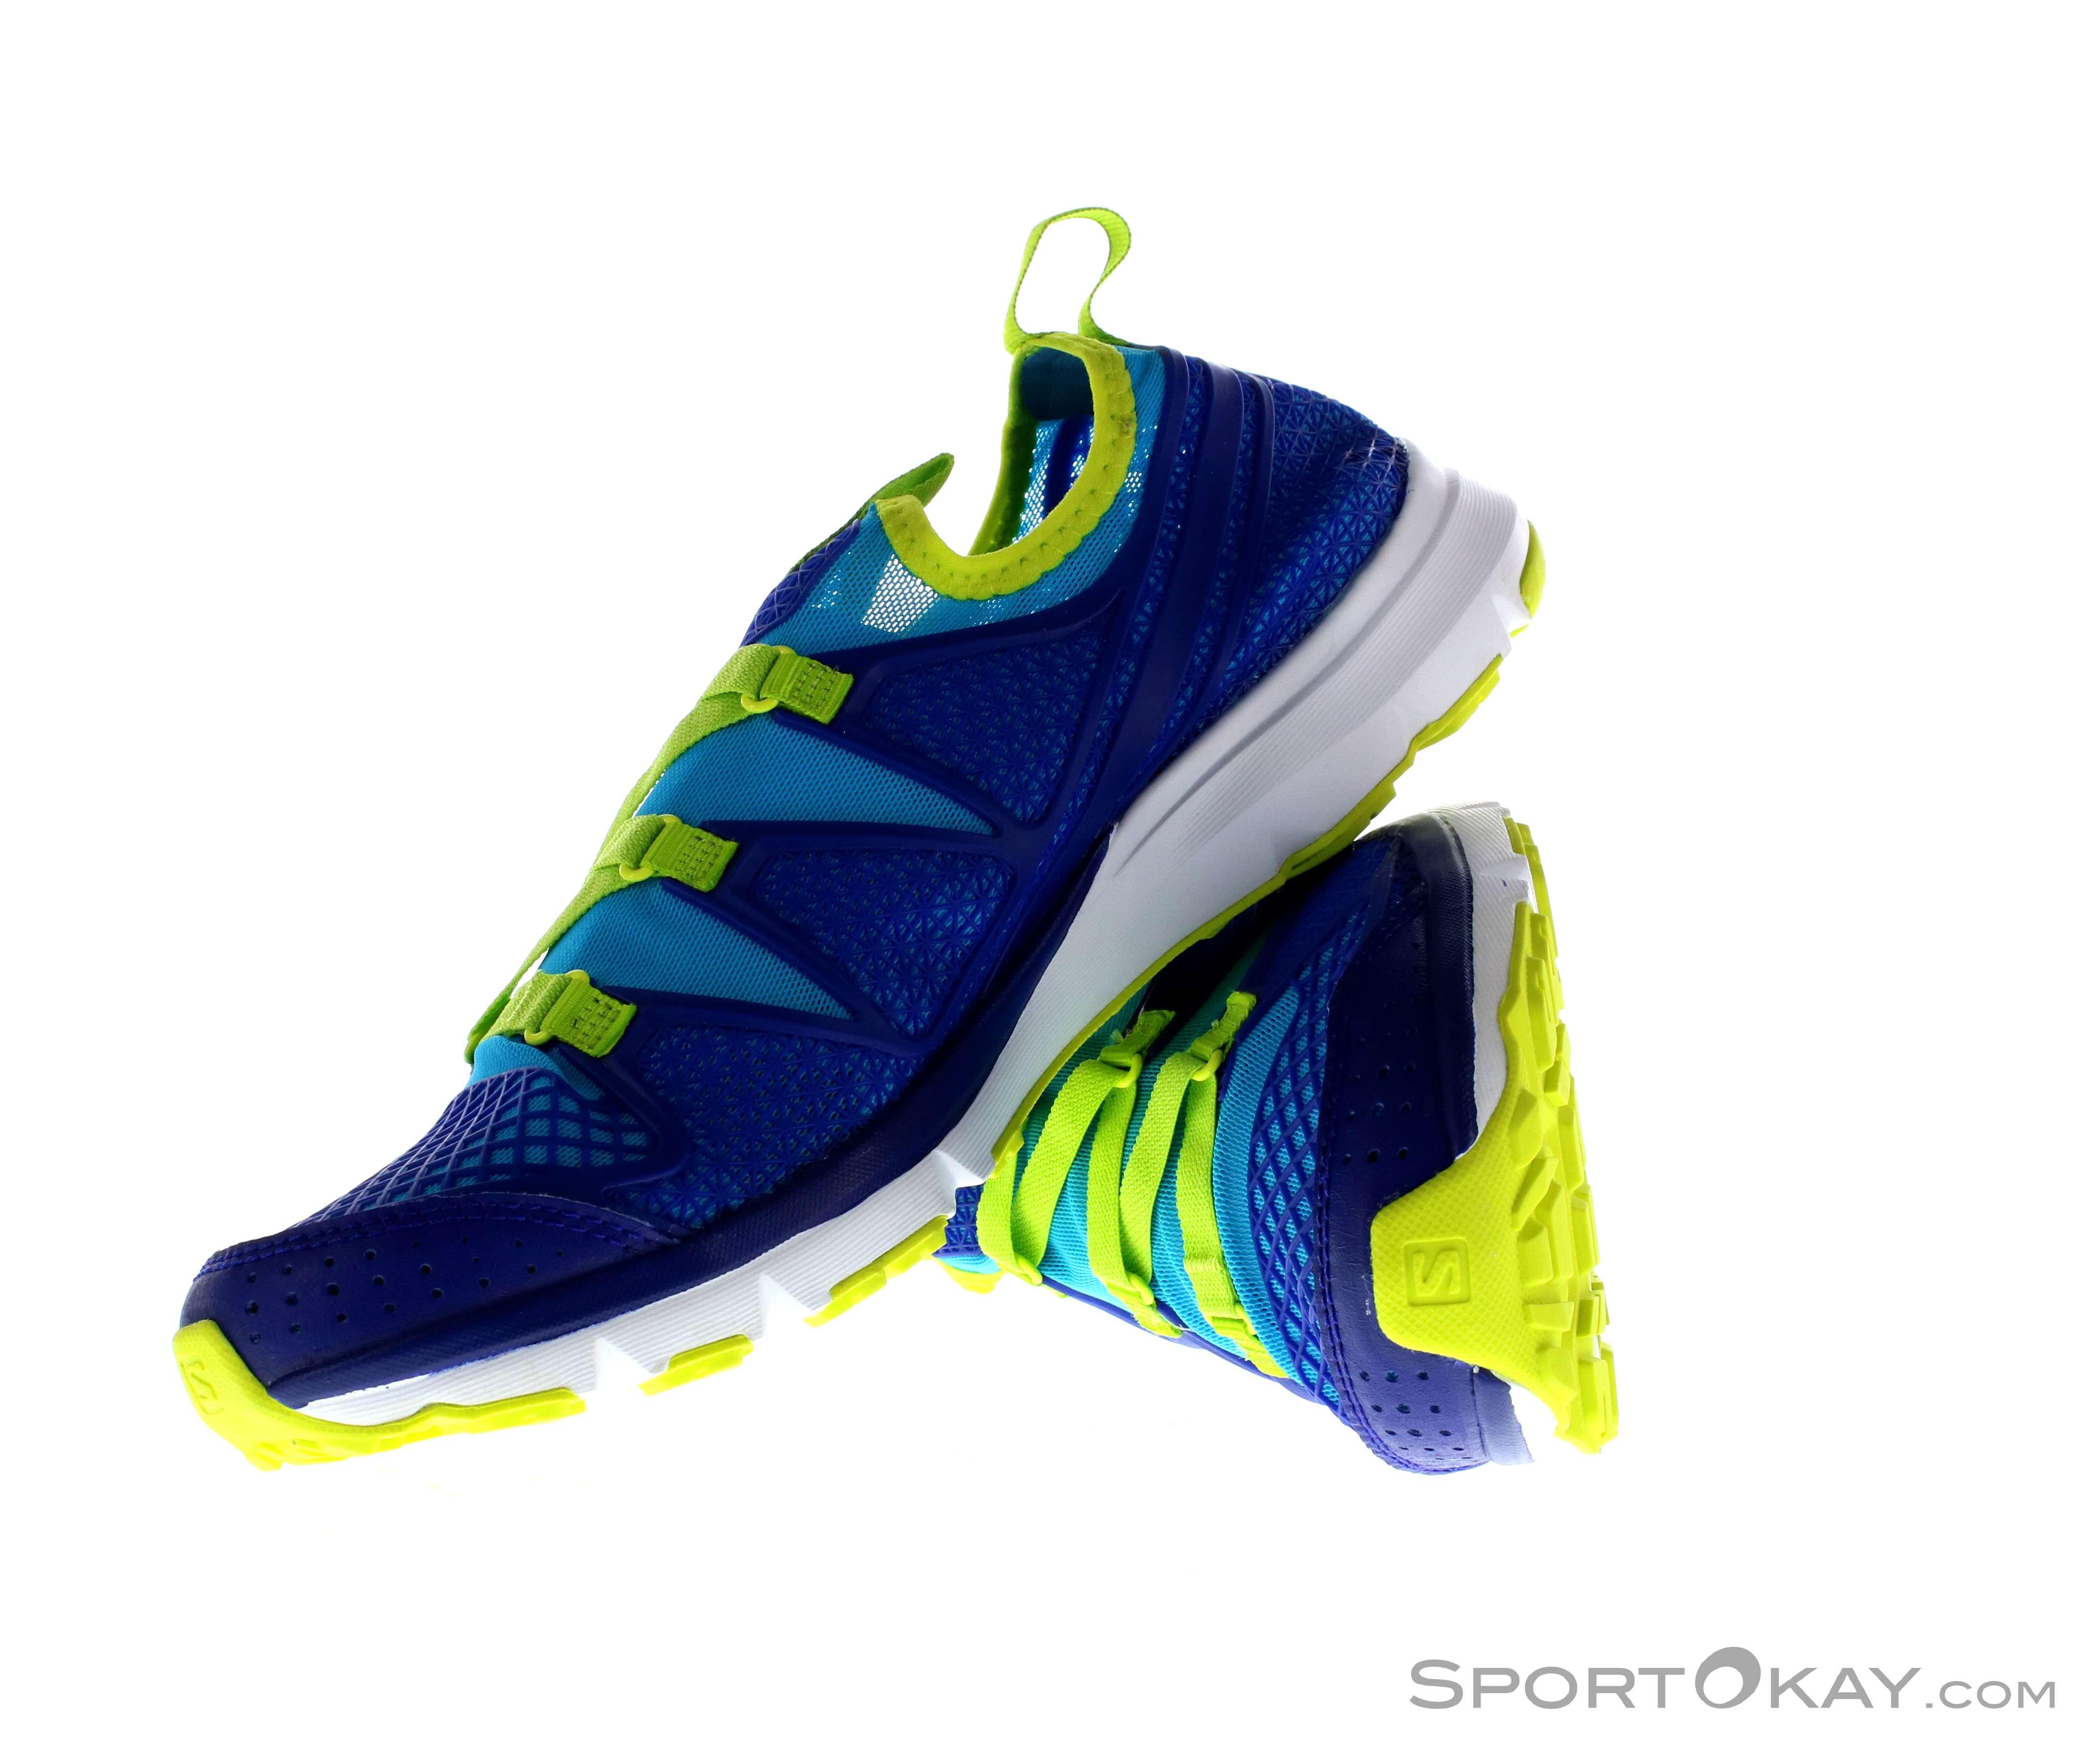 2b8c1a515629 Salomon Cross Amphibian Mens Amphibious Shoes - Trekking Shoes ...